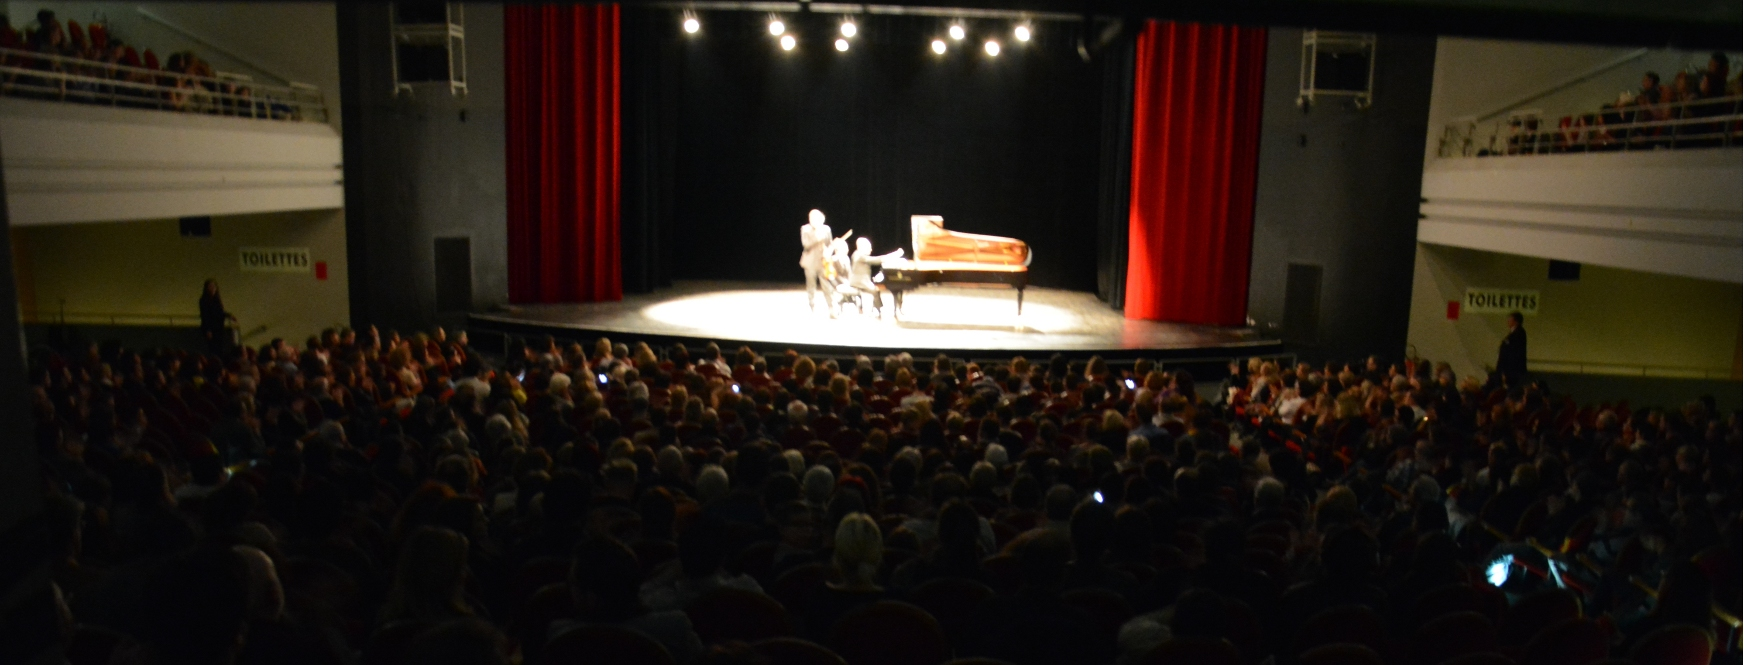 Concert de David Garrett Lyon